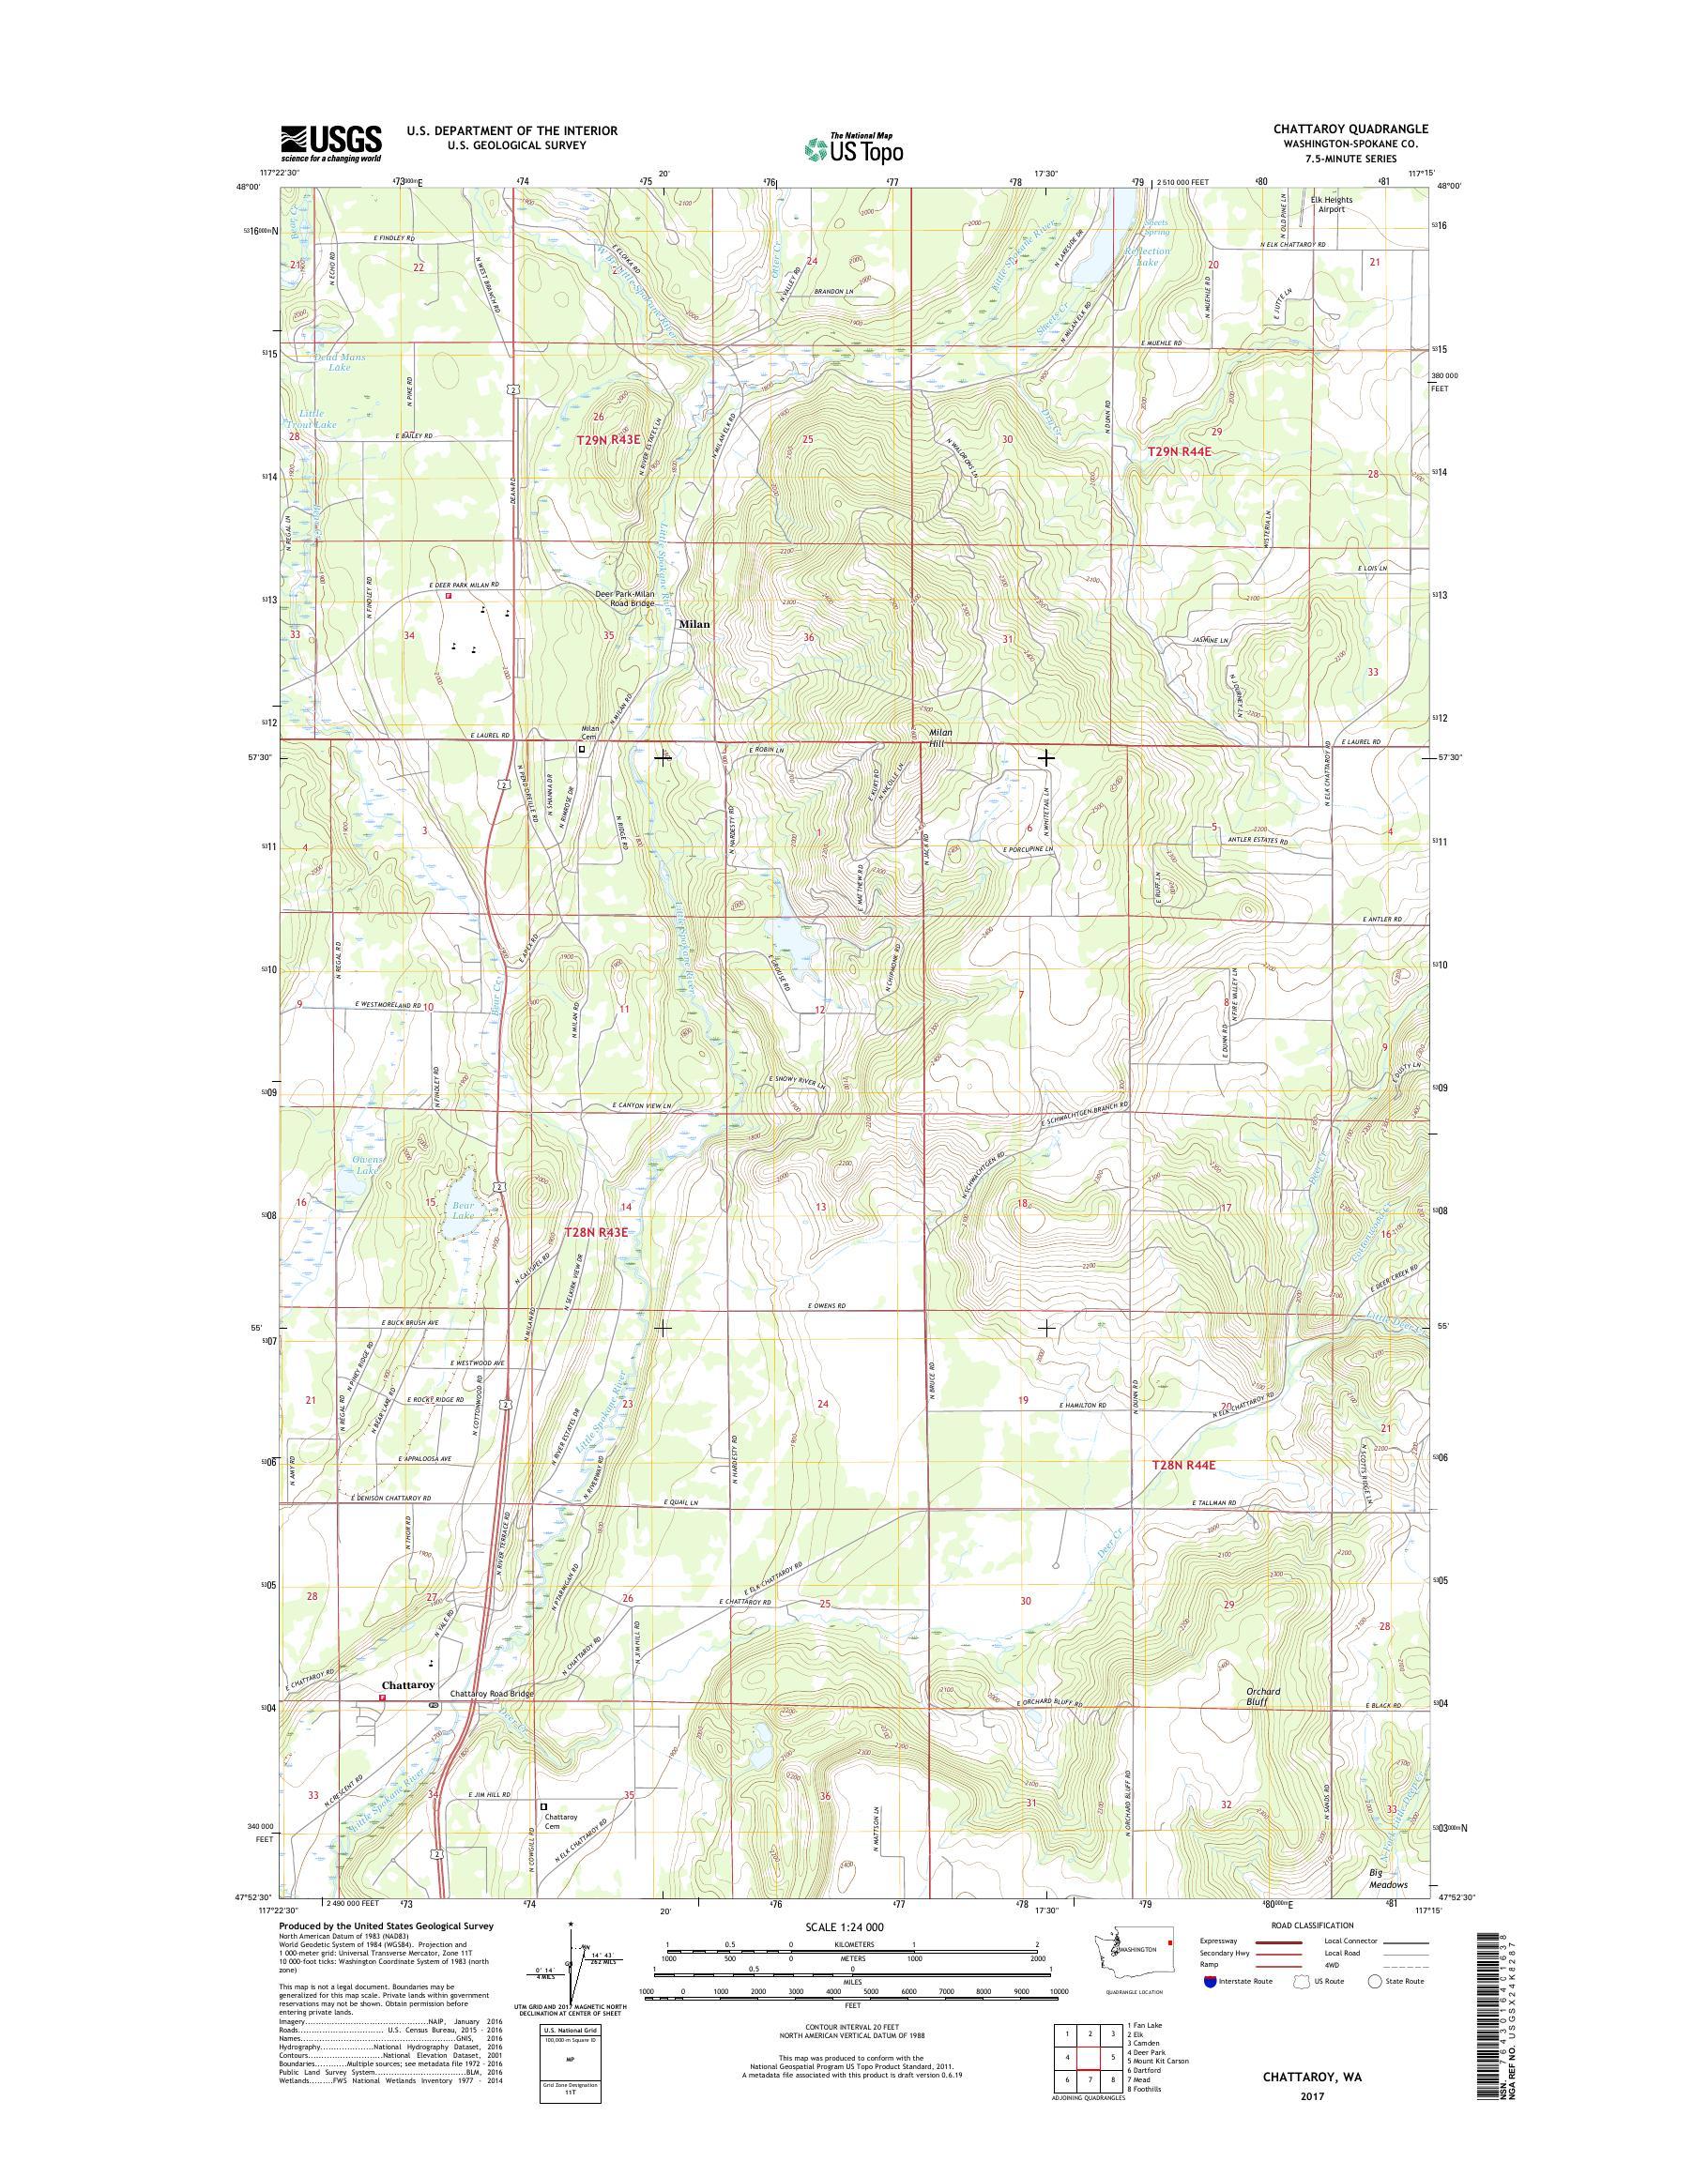 MyTopo Chattaroy, Washington USGS Quad Topo Map on